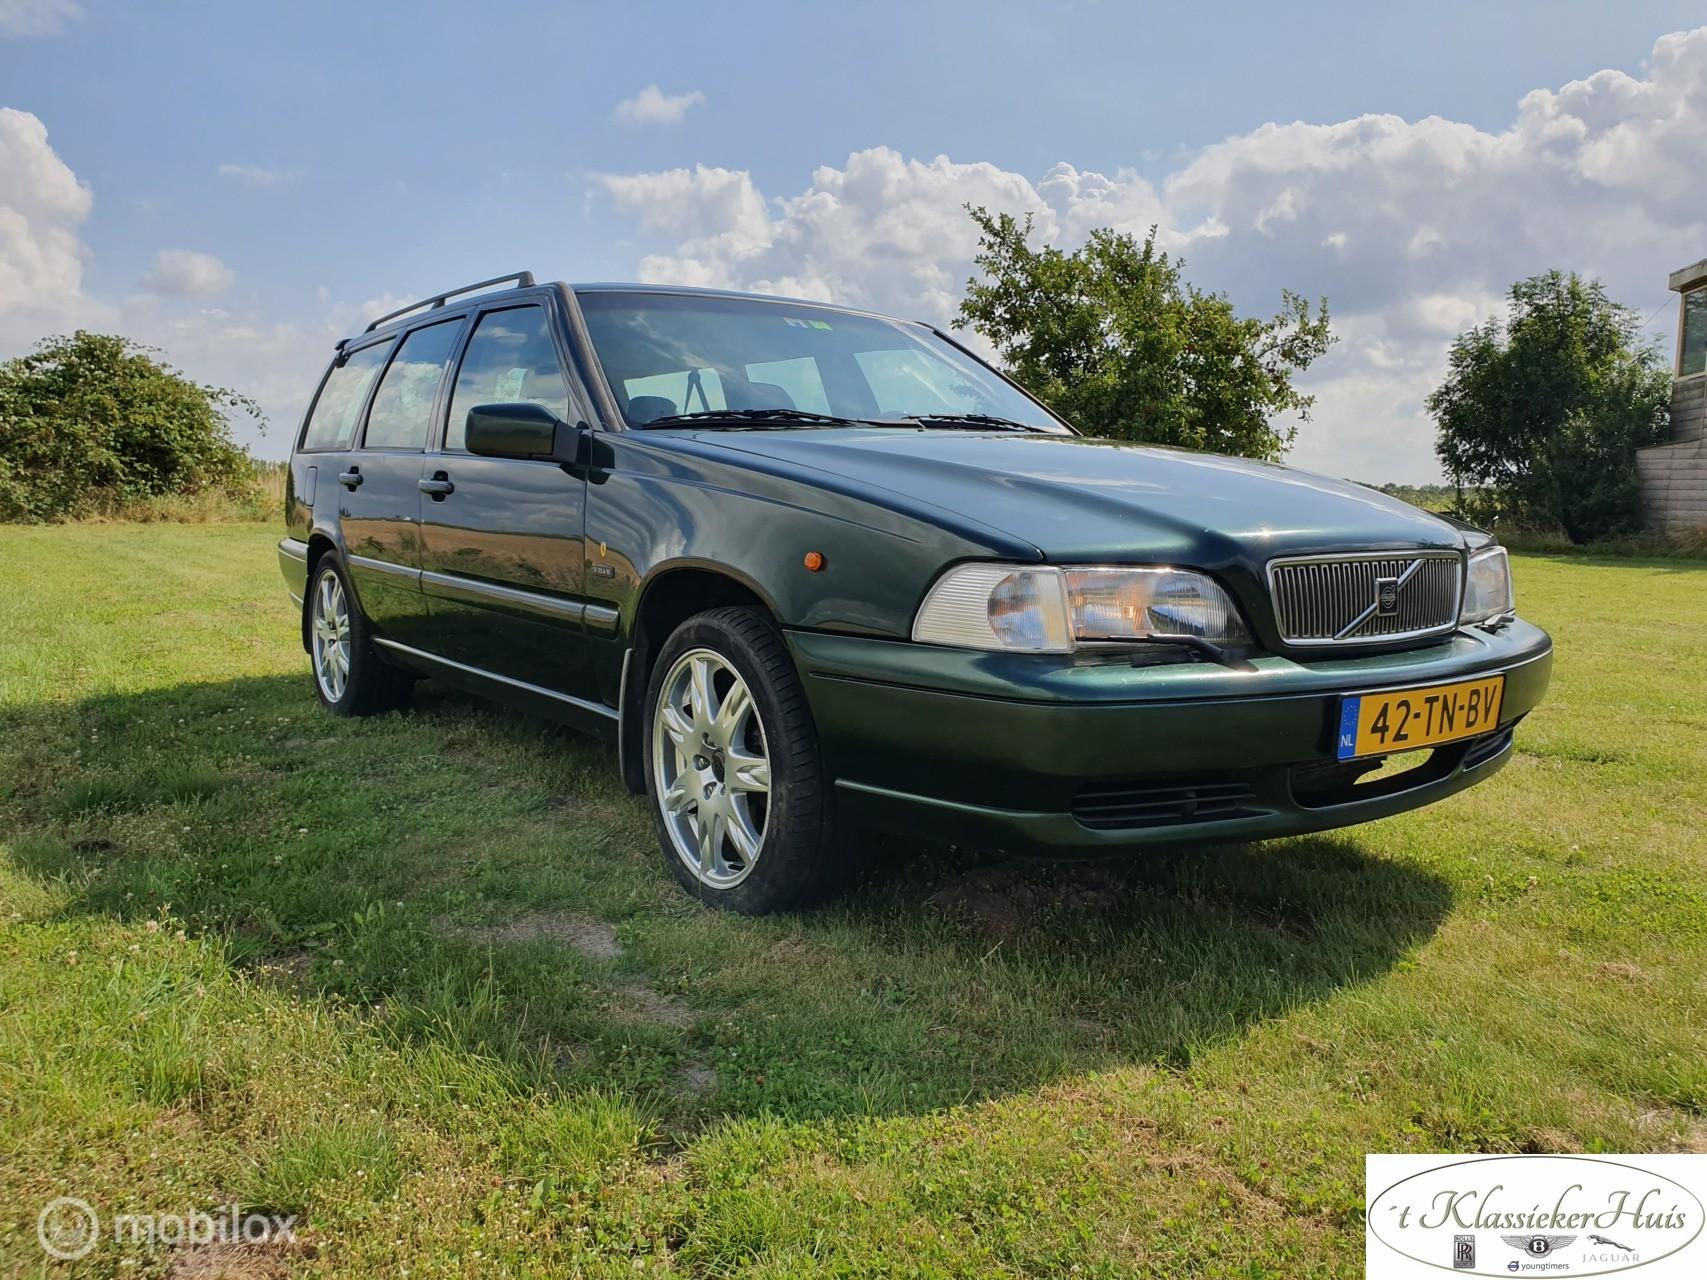 Volvo Stoelen Te Koop.Oldtimers And Youngtimers Occasions Te Koop Bij T Klassiekerhuis